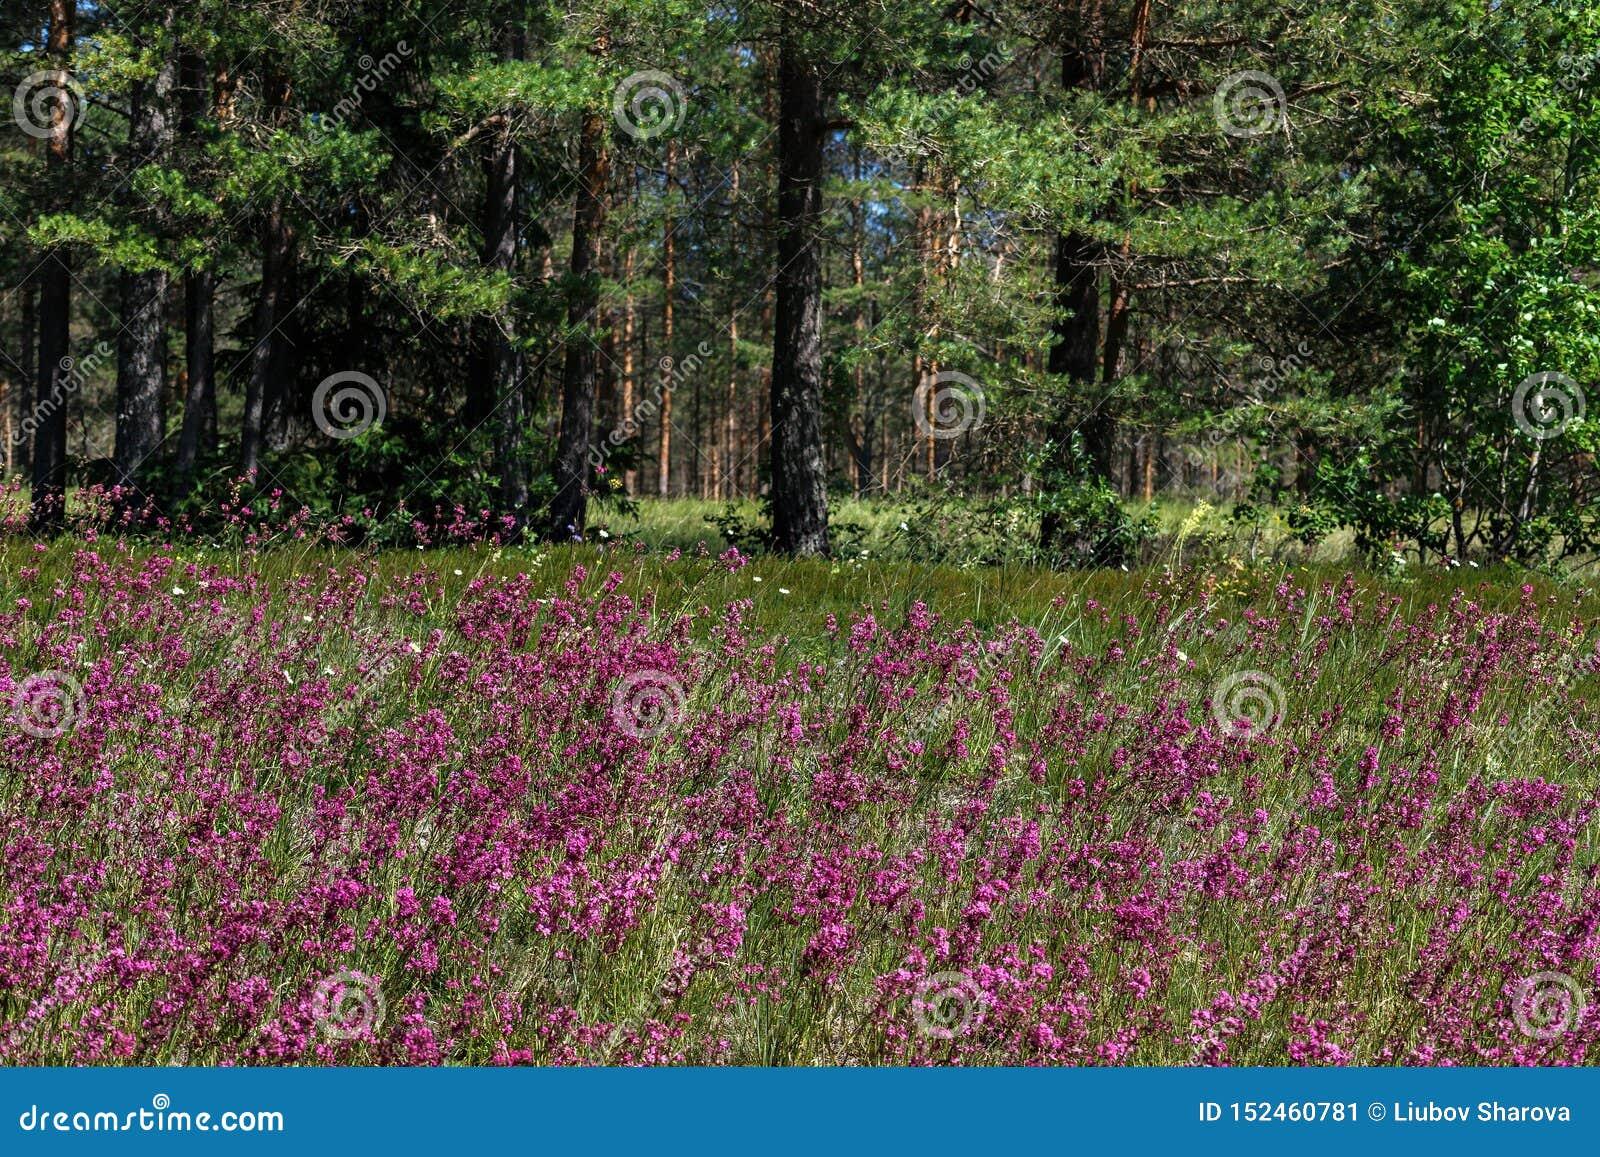 W górę leczniczej rośliny silene yunnanensis dzwoniący mistrz z małymi pięknymi purpurami kwitnie